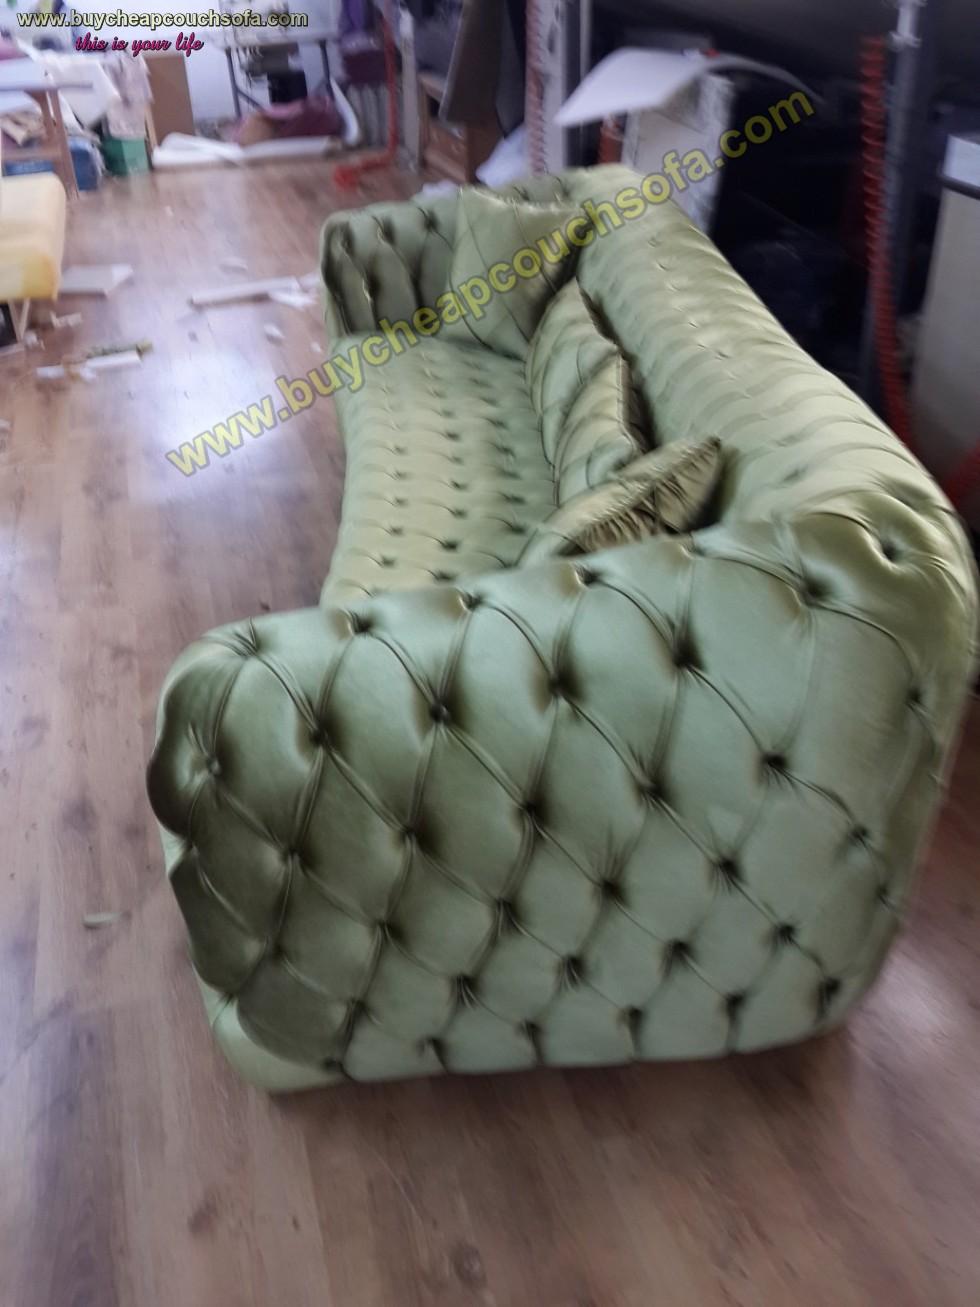 Kodu: 10253 - Luxury Chesterfield Sofa Green Velvet 4 Seater Curved Ultra Modern